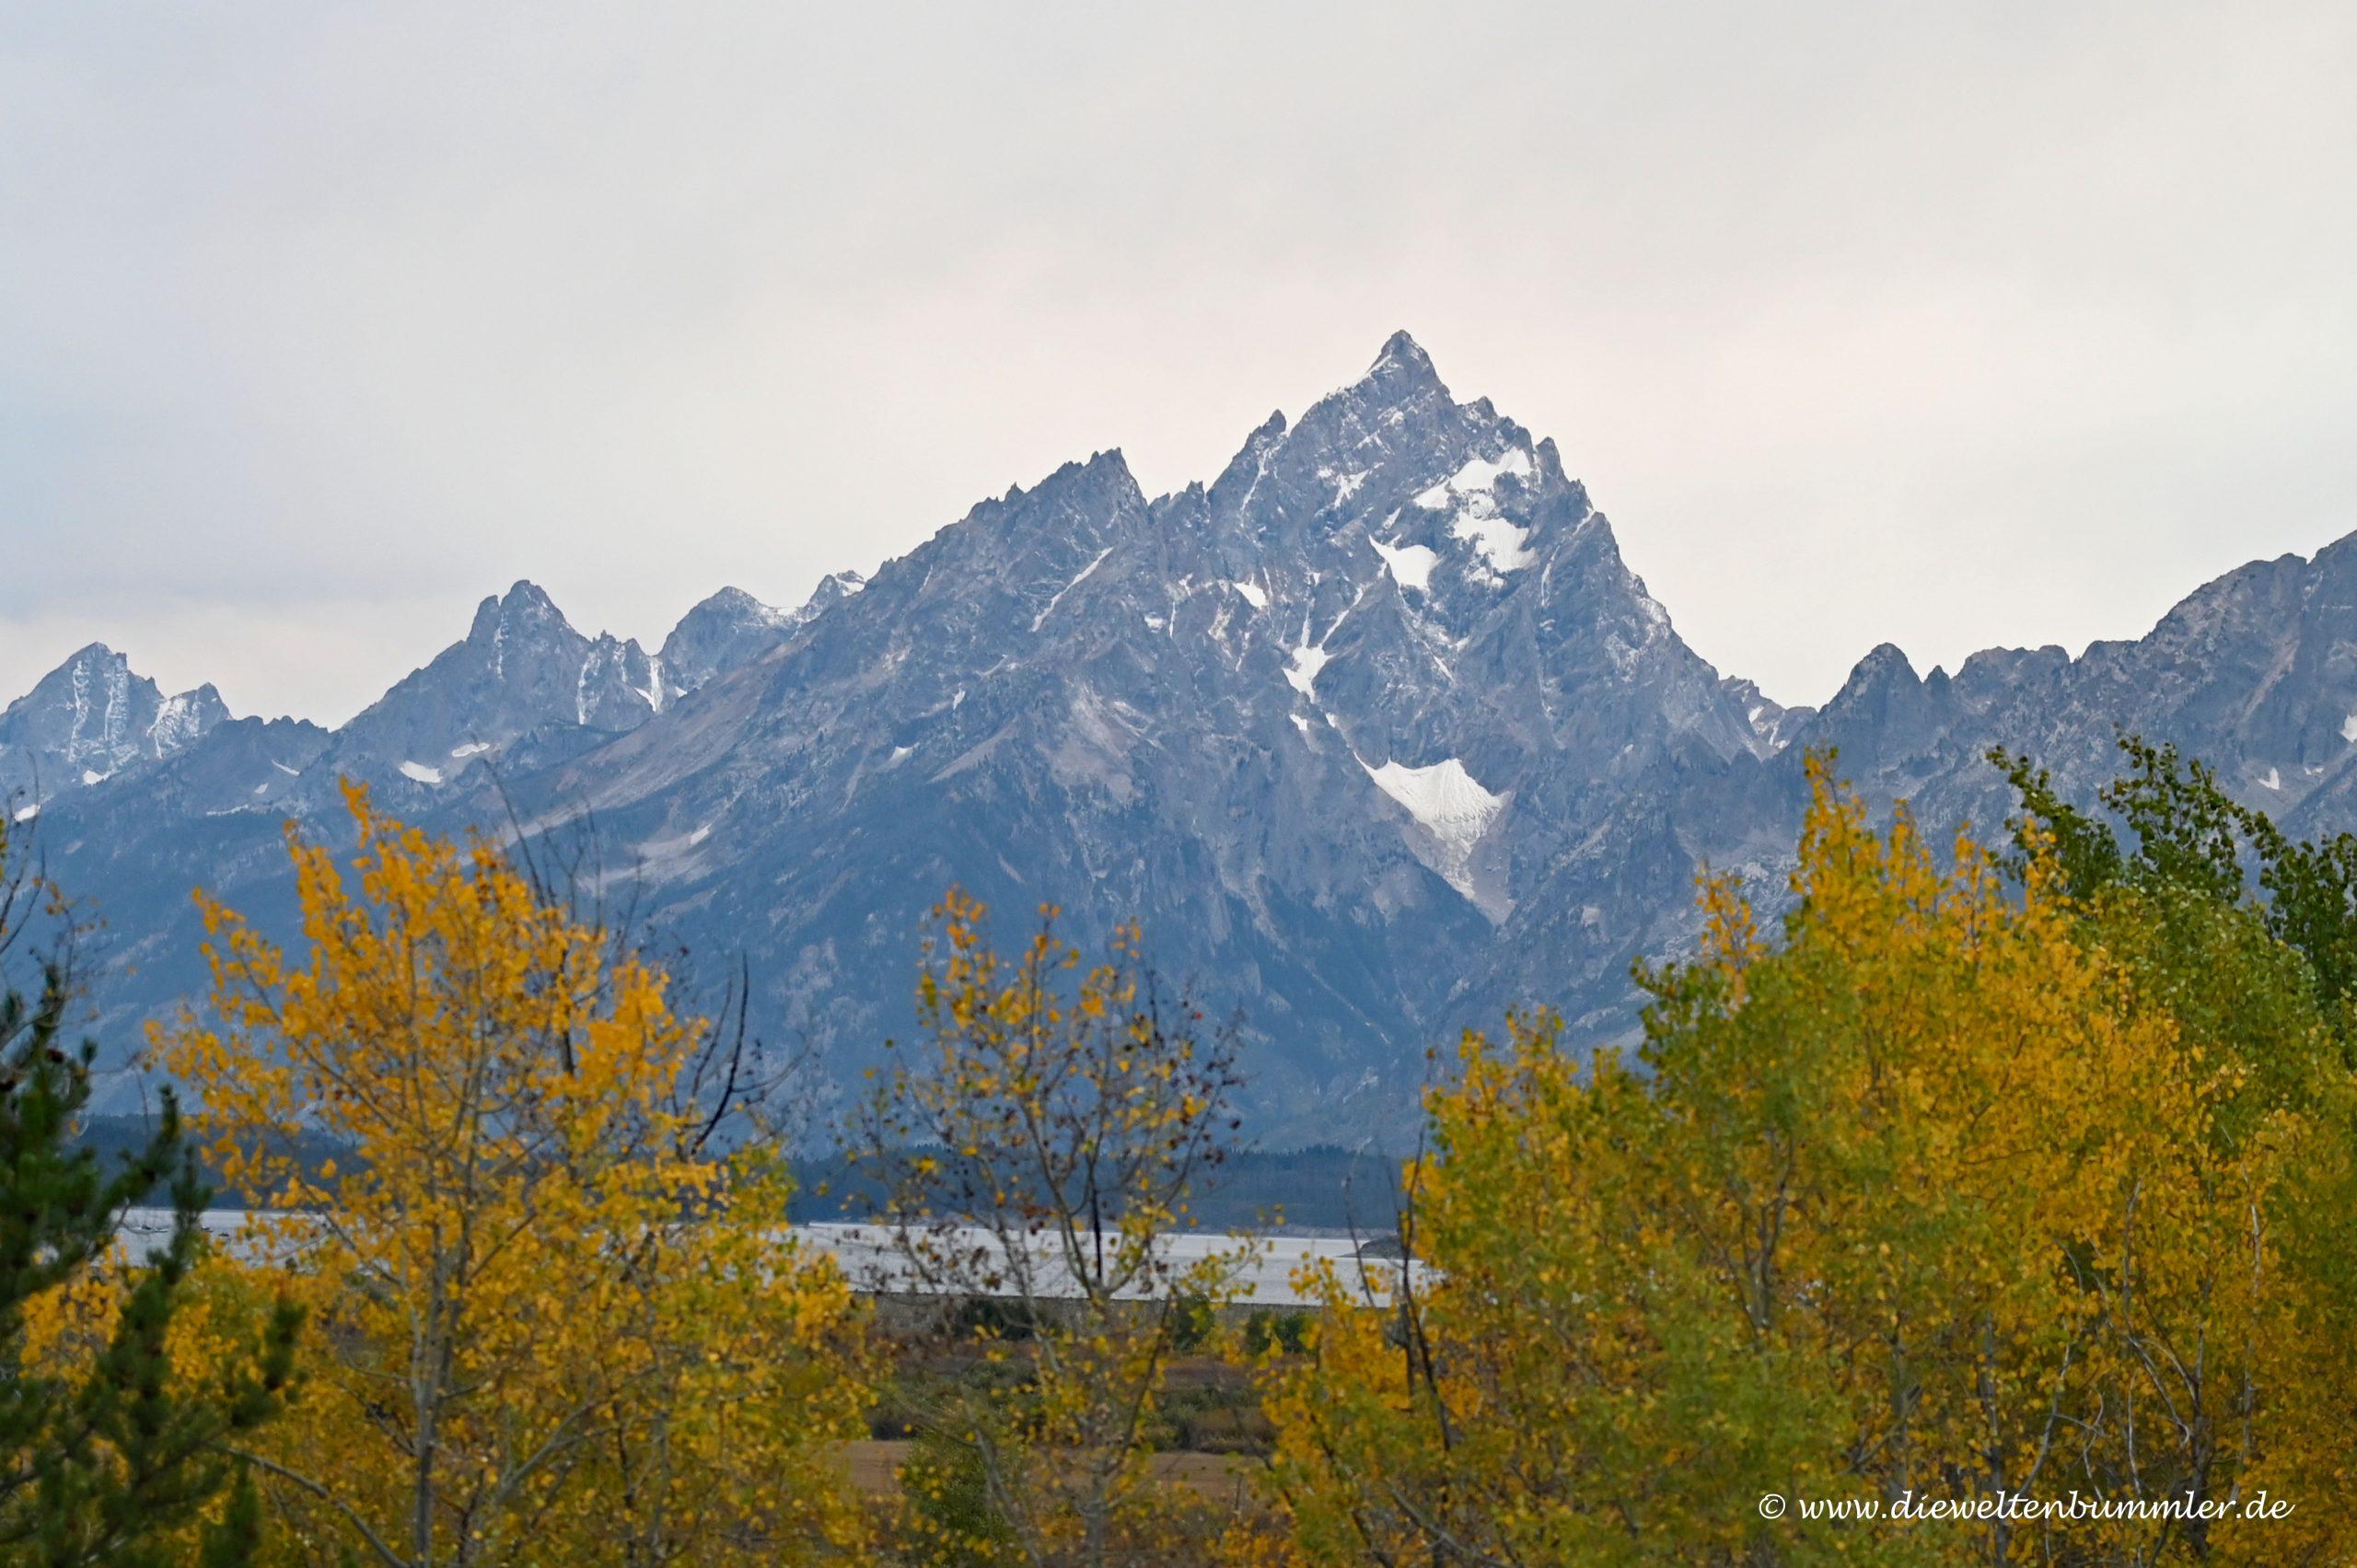 Der höchste Berg heißt Grand Teton